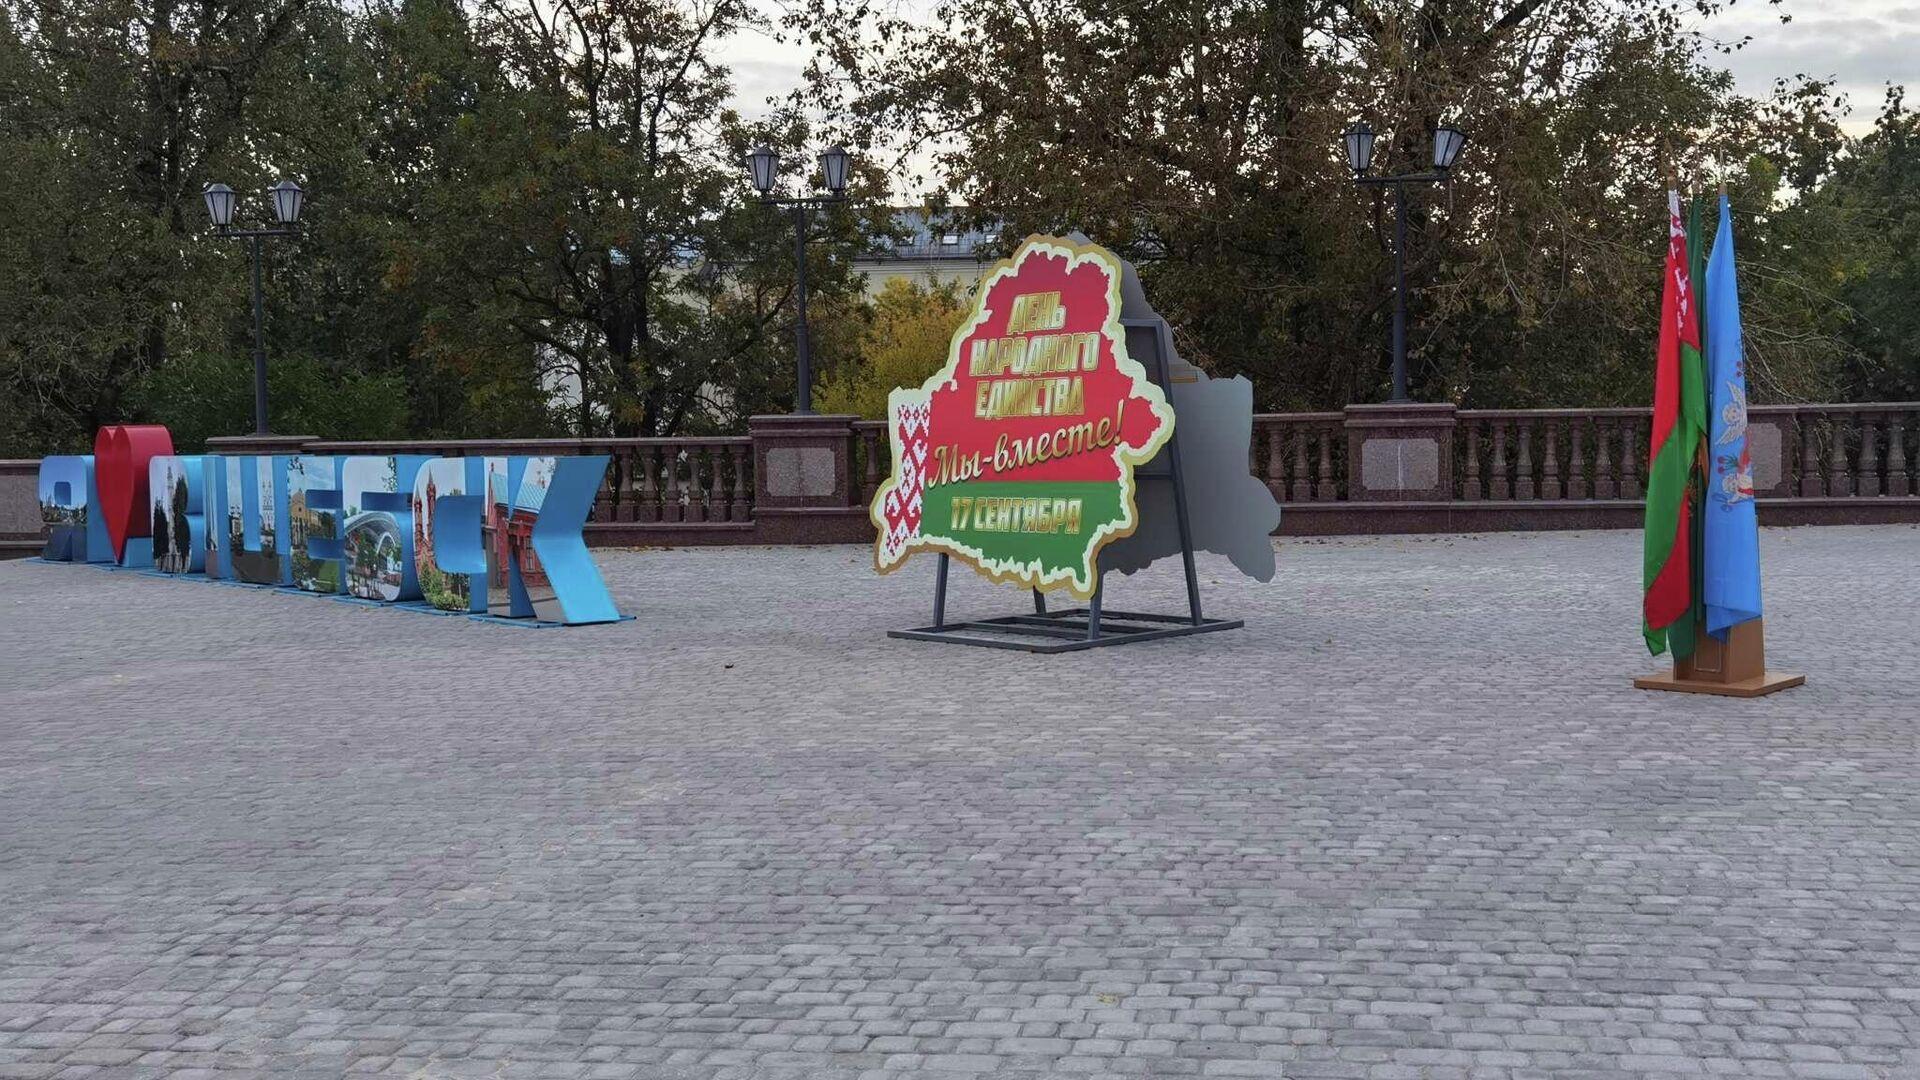 День народного единства в Витебске: как город отметил первый праздник - Sputnik Беларусь, 1920, 18.09.2021